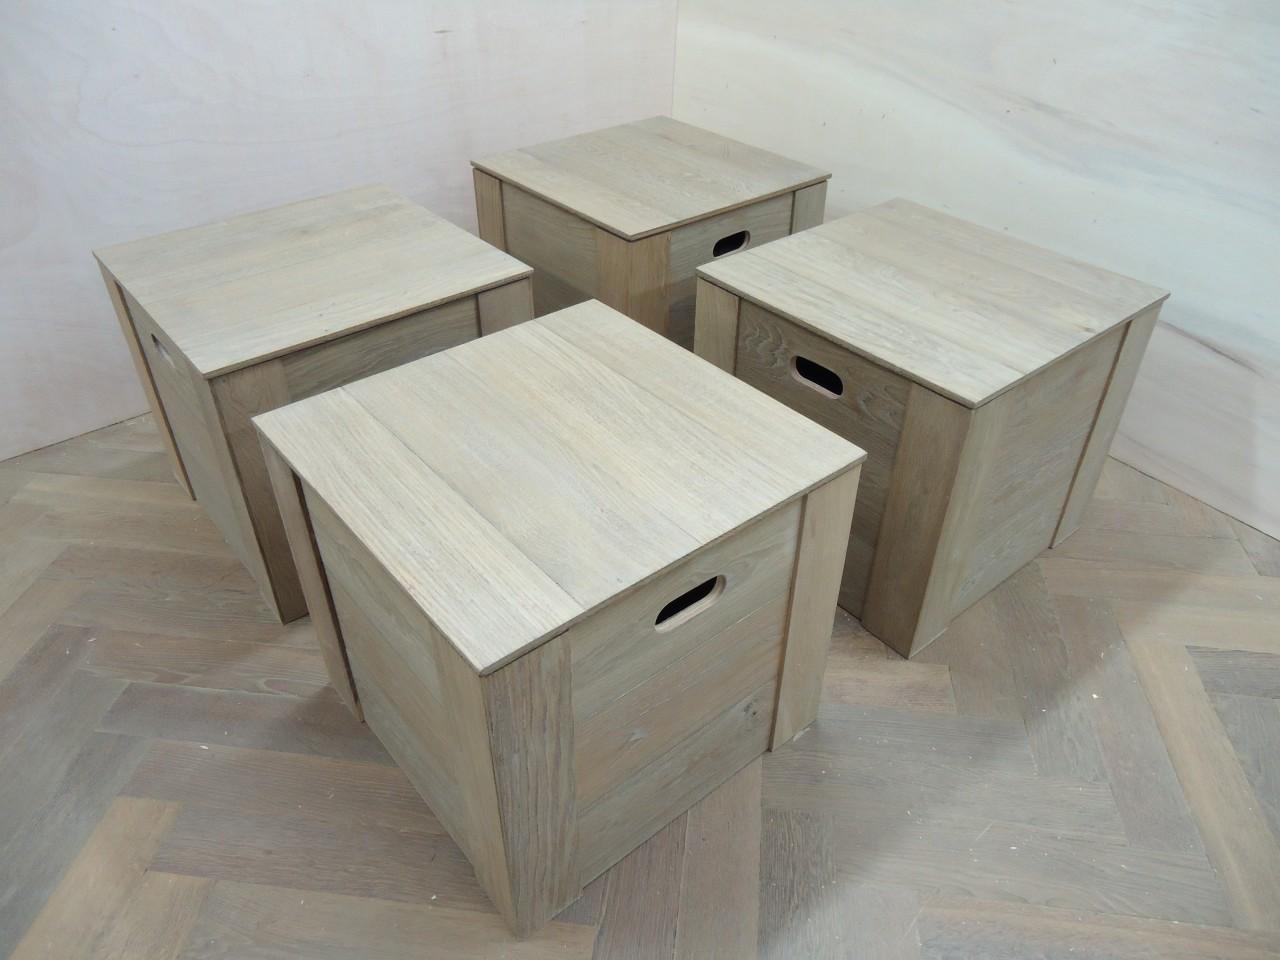 Design Meubels Houten : Zelfgemaakte houten meubels